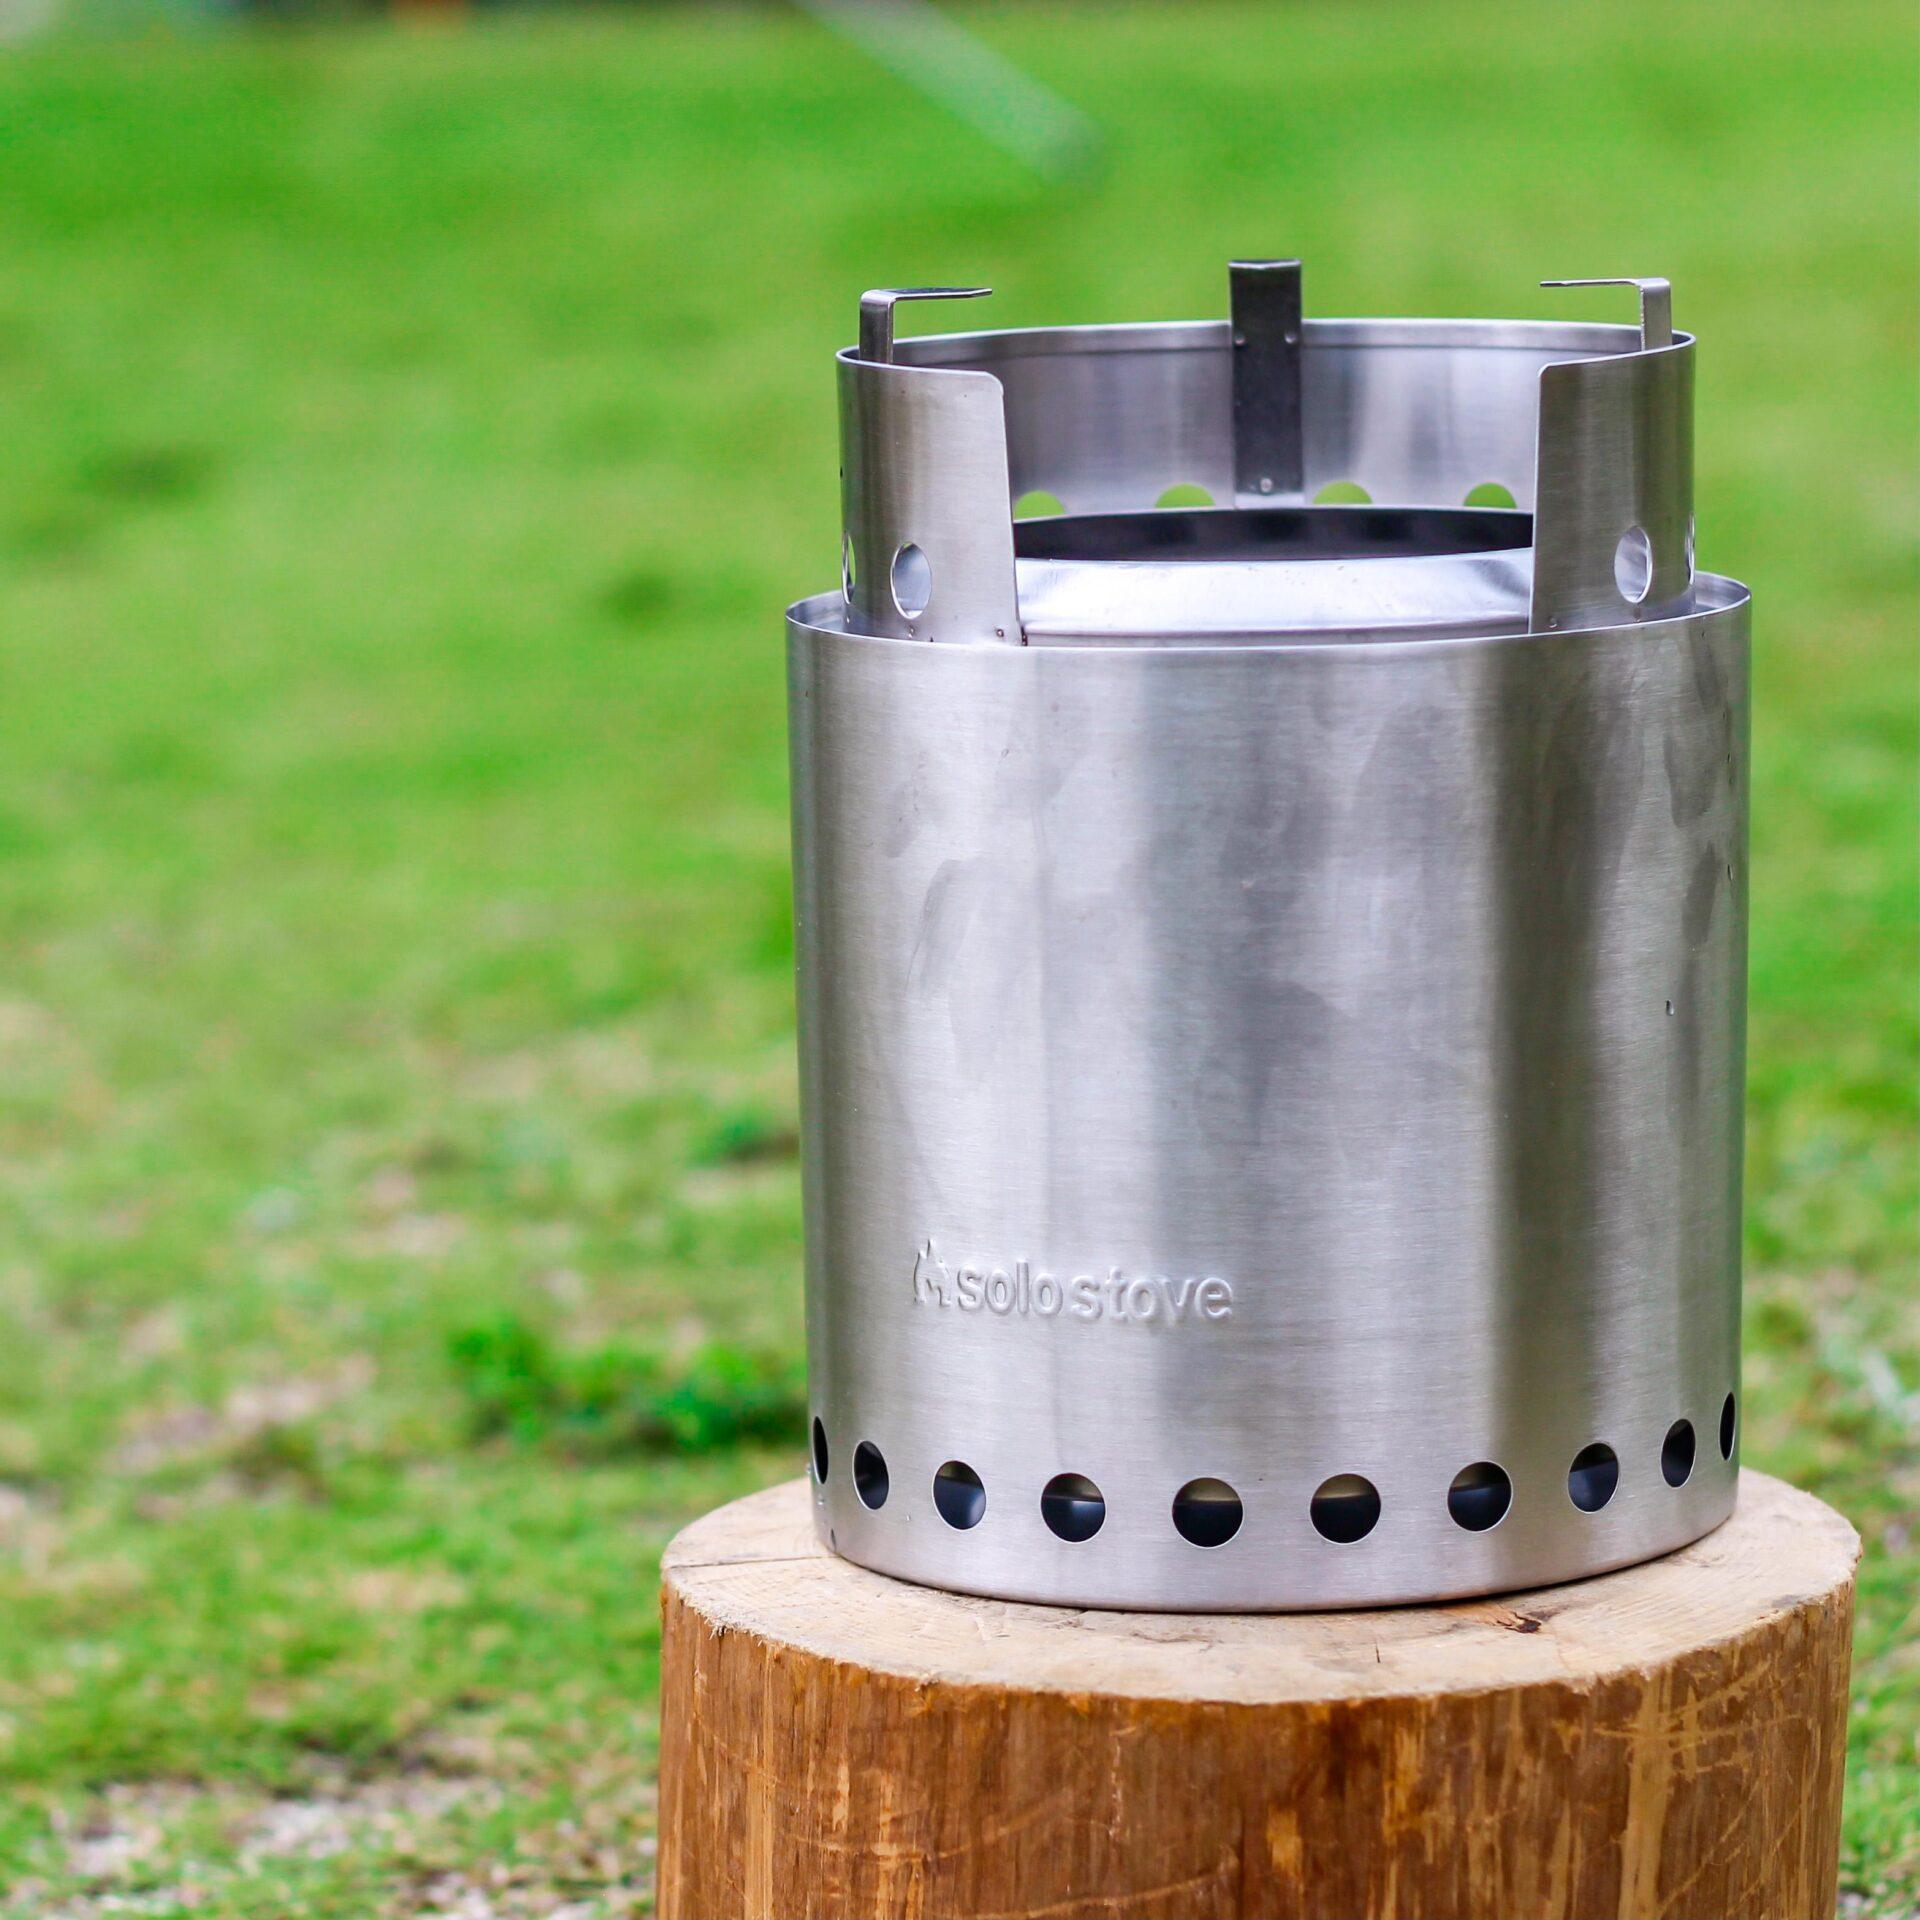 ソロストーブ キャンプファイヤー[solo stove]口コミ実践レビュー